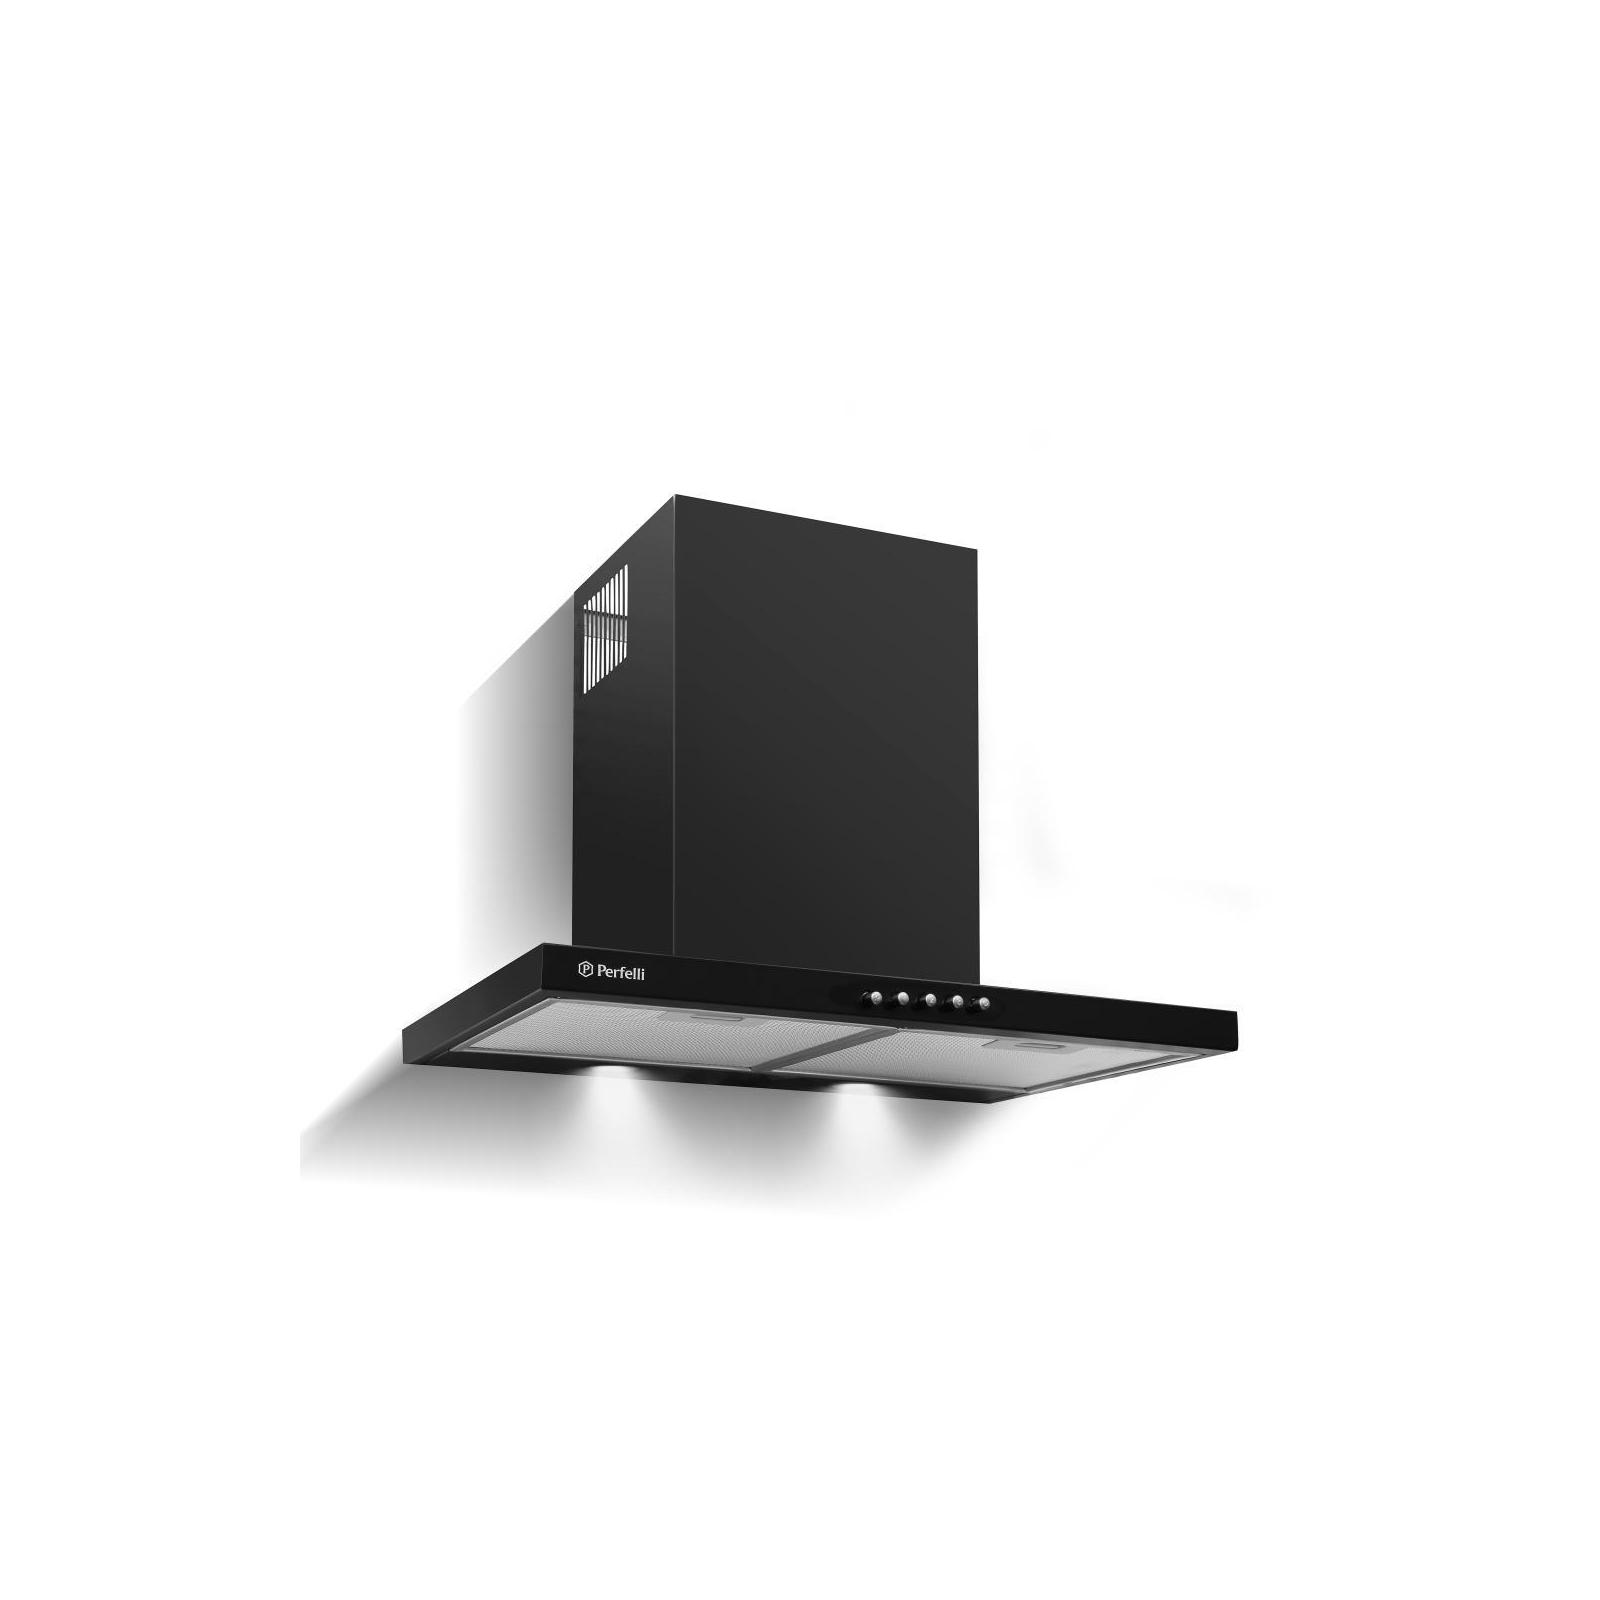 Вытяжка кухонная PERFELLI T 6612 A 1000 BL LED изображение 3